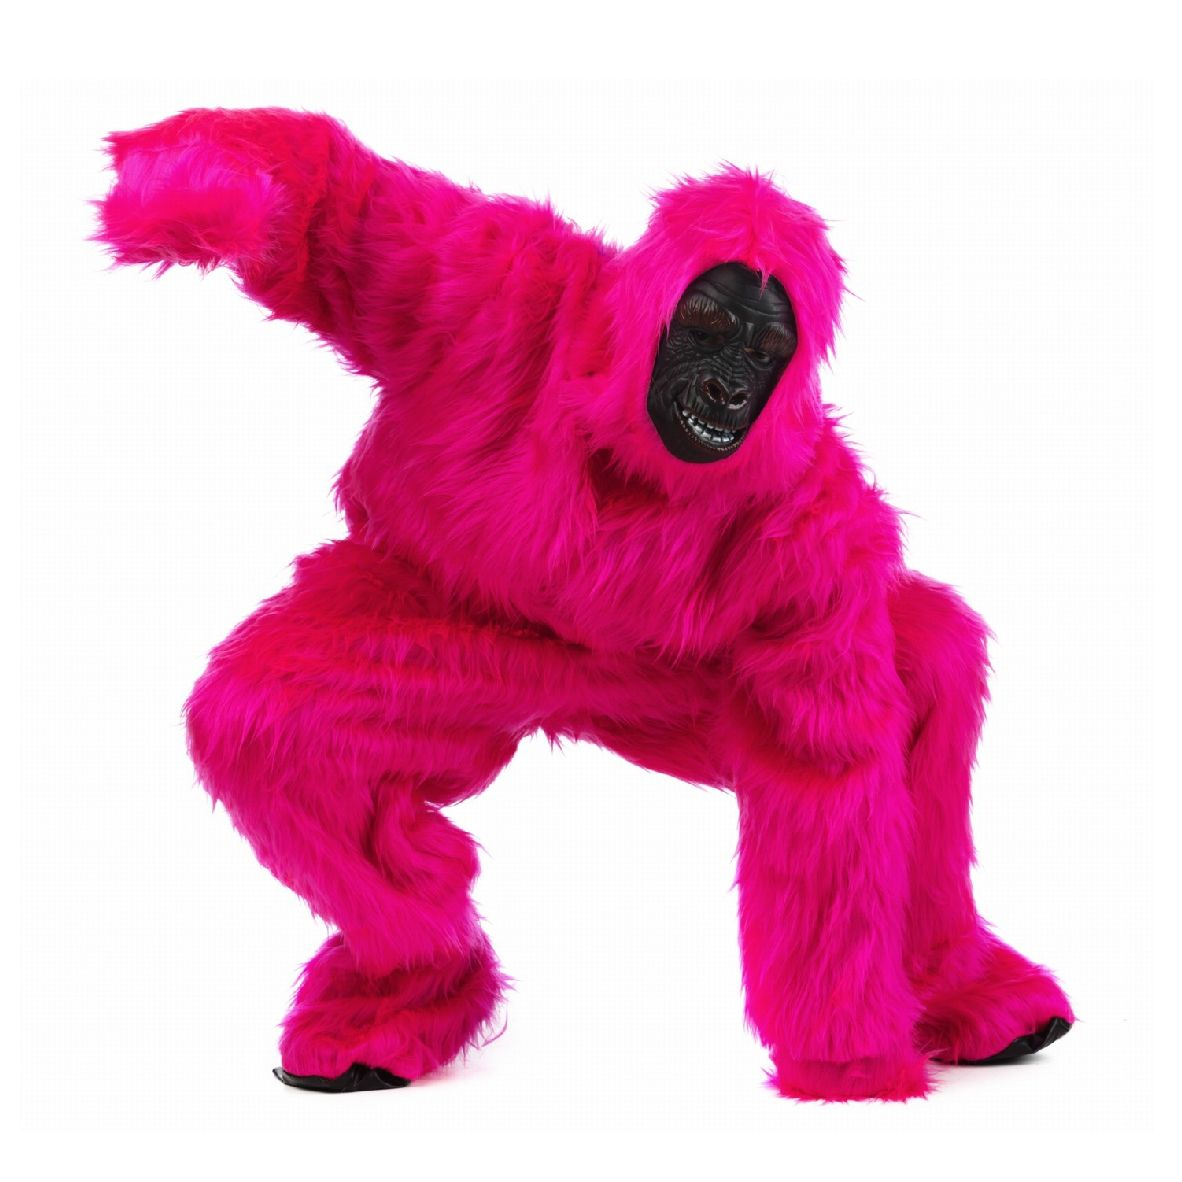 pinker affe hh gorilla nice kost me f r erwachsene pinterest kost me f r erwachsene. Black Bedroom Furniture Sets. Home Design Ideas